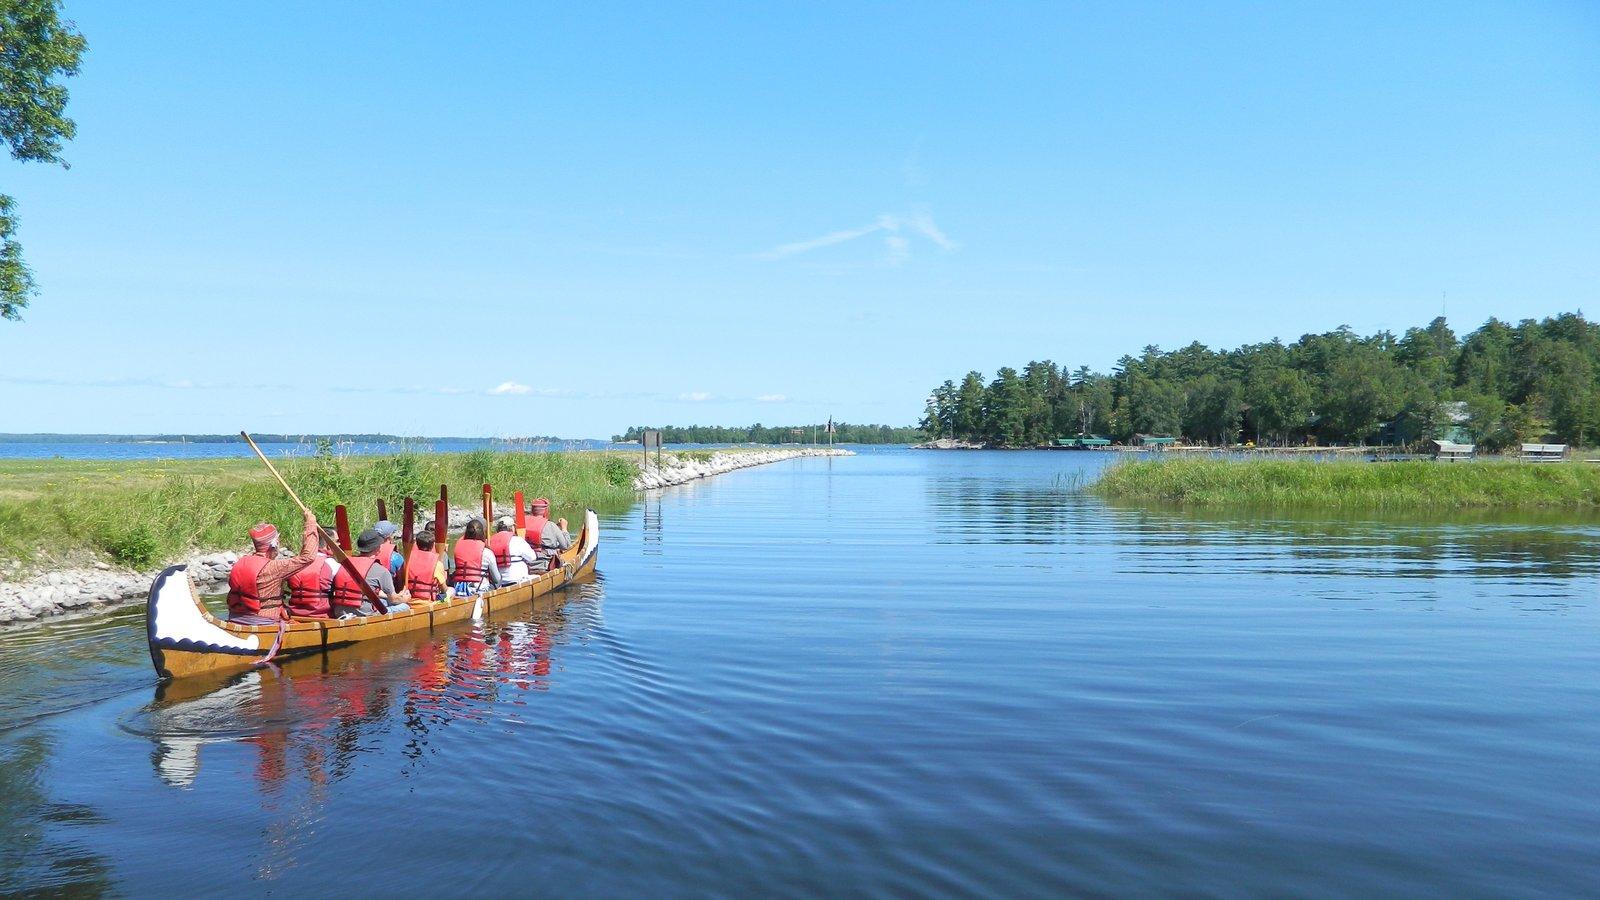 Voyageurs National Park caracterizando pântano e caiaque ou canoagem assim como um pequeno grupo de pessoas